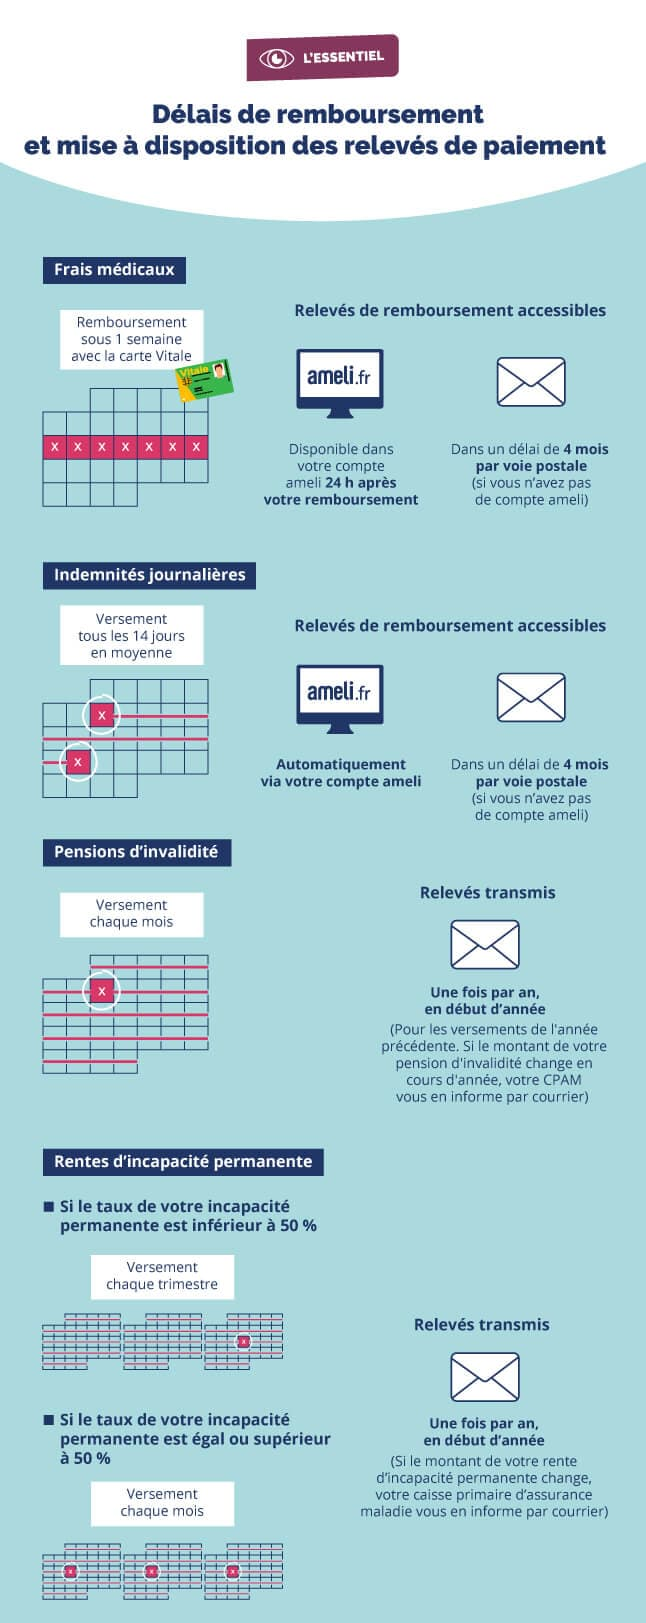 Infographie : Délais de remboursement et mise à disposition des relevés de paiement